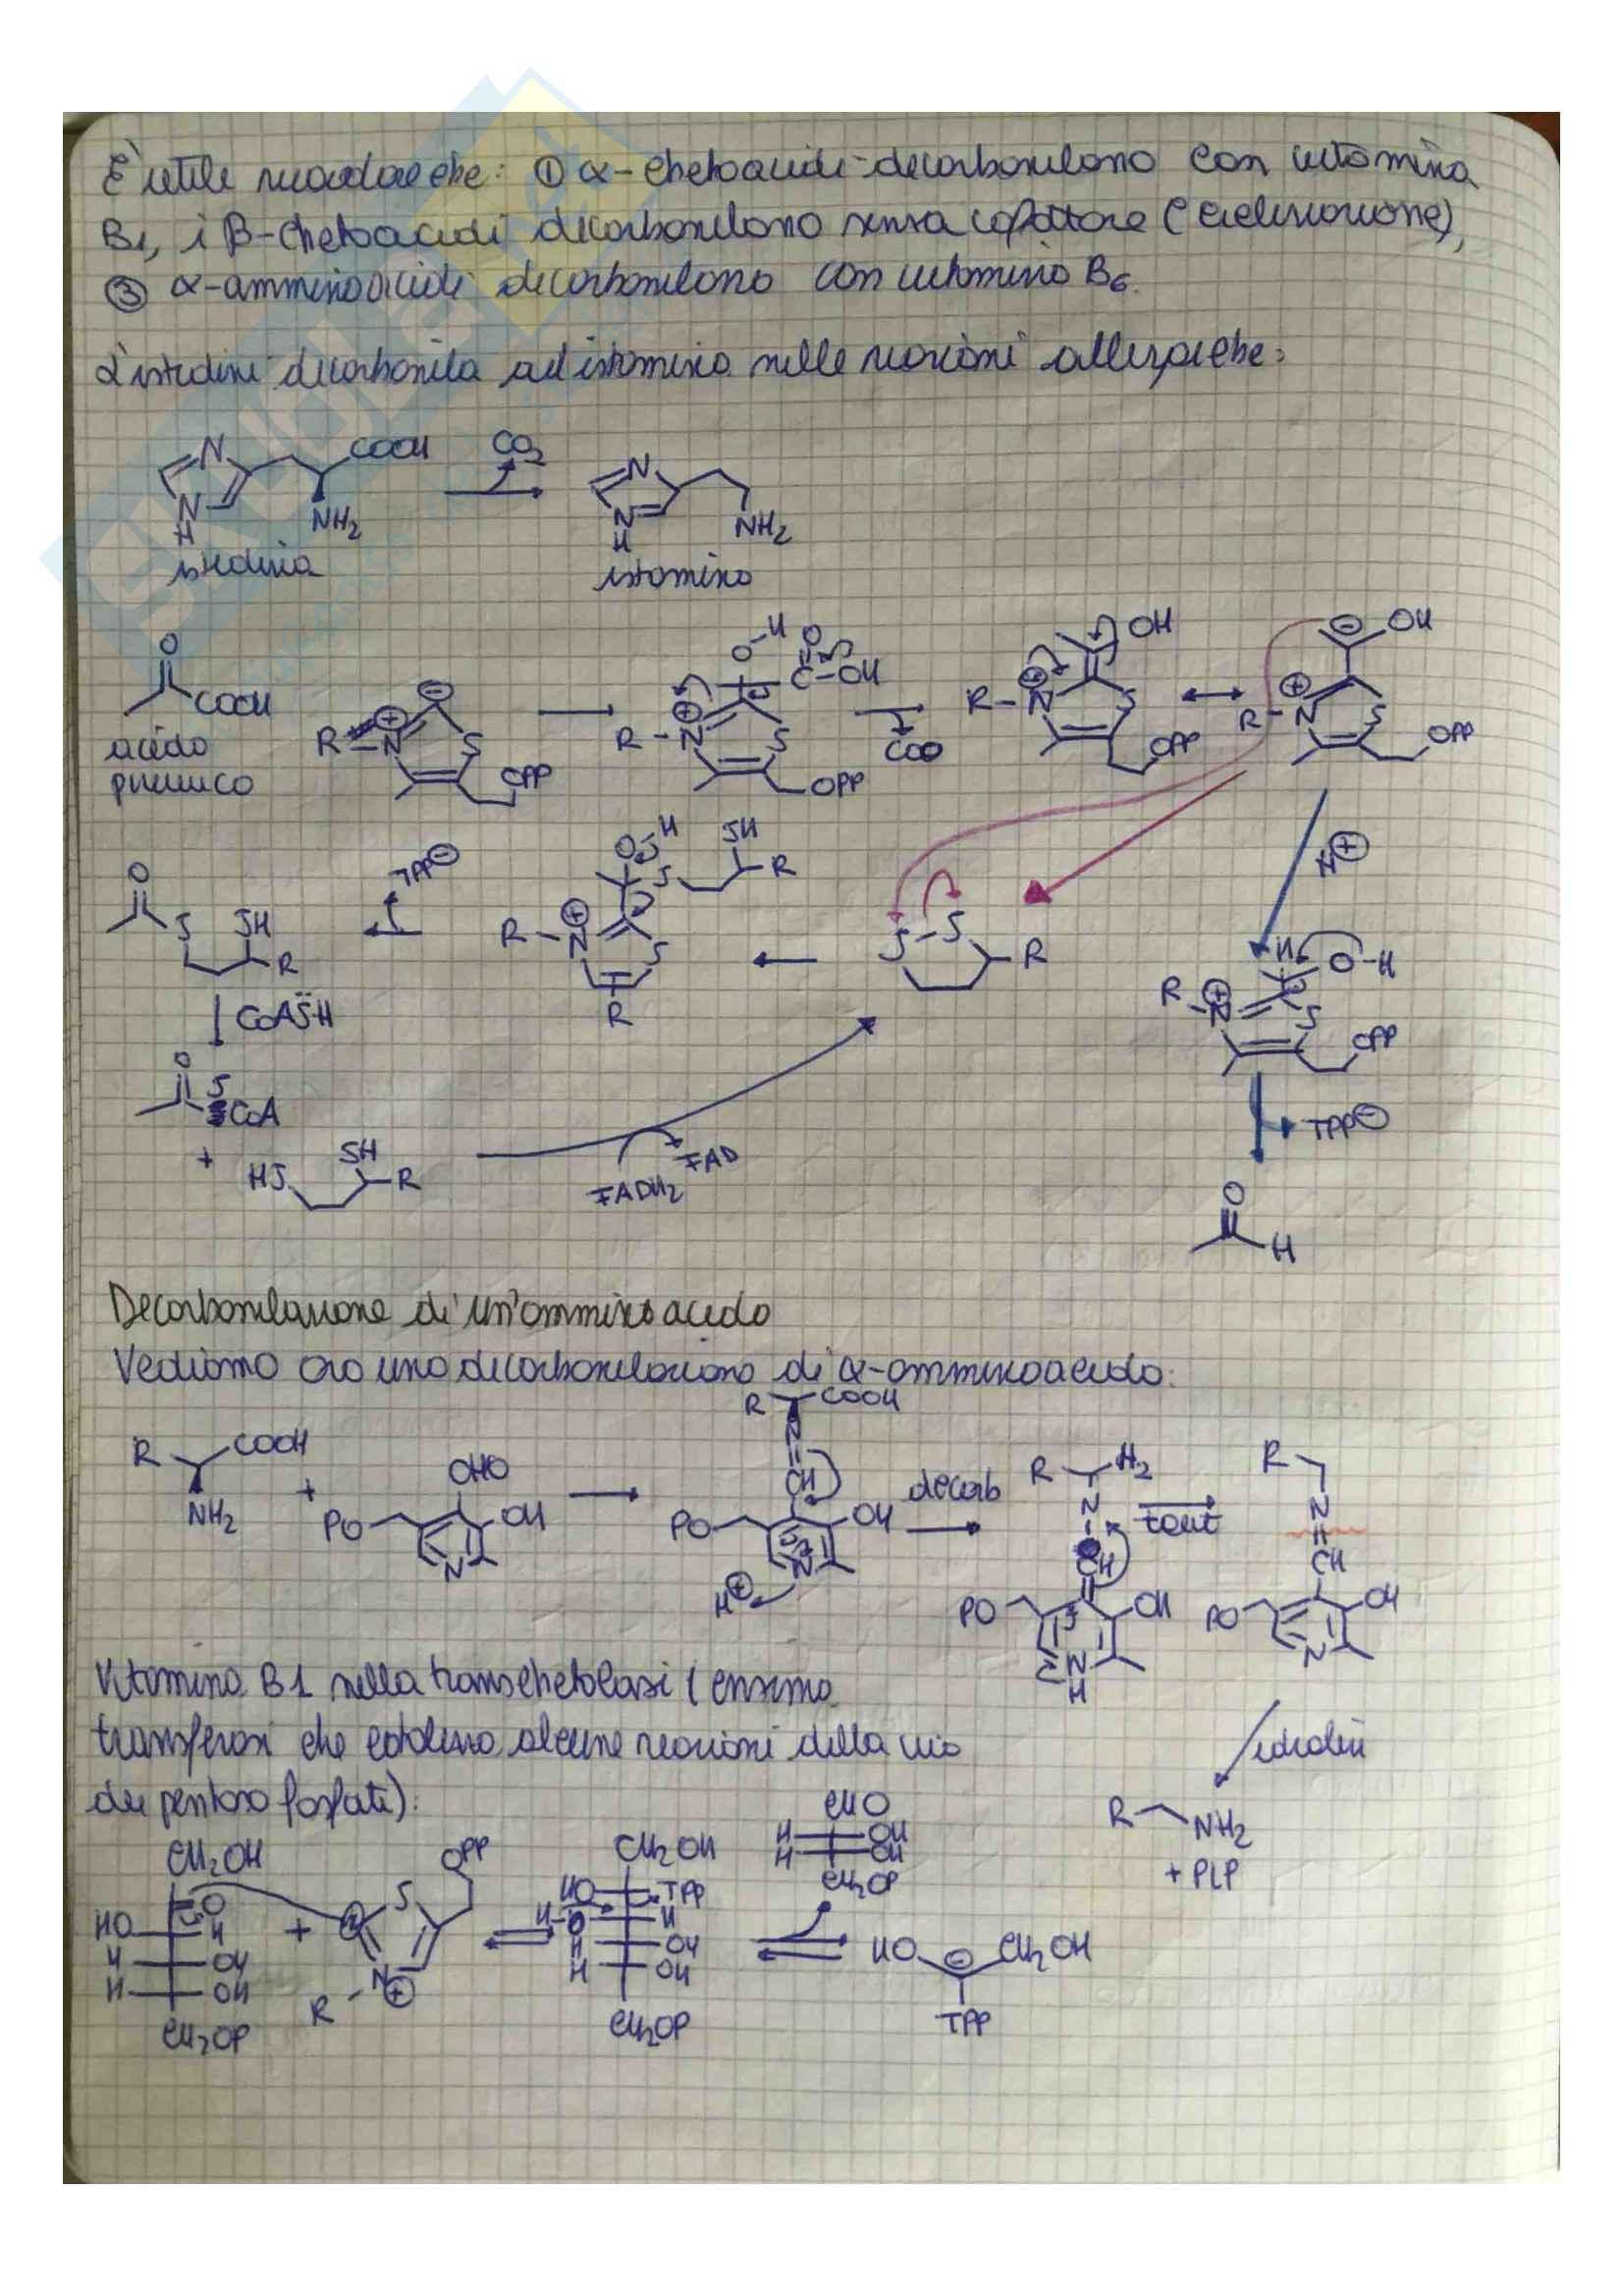 Appunti di Chimica Organica 3 (Chimica delle sostanze naturali) Pag. 21